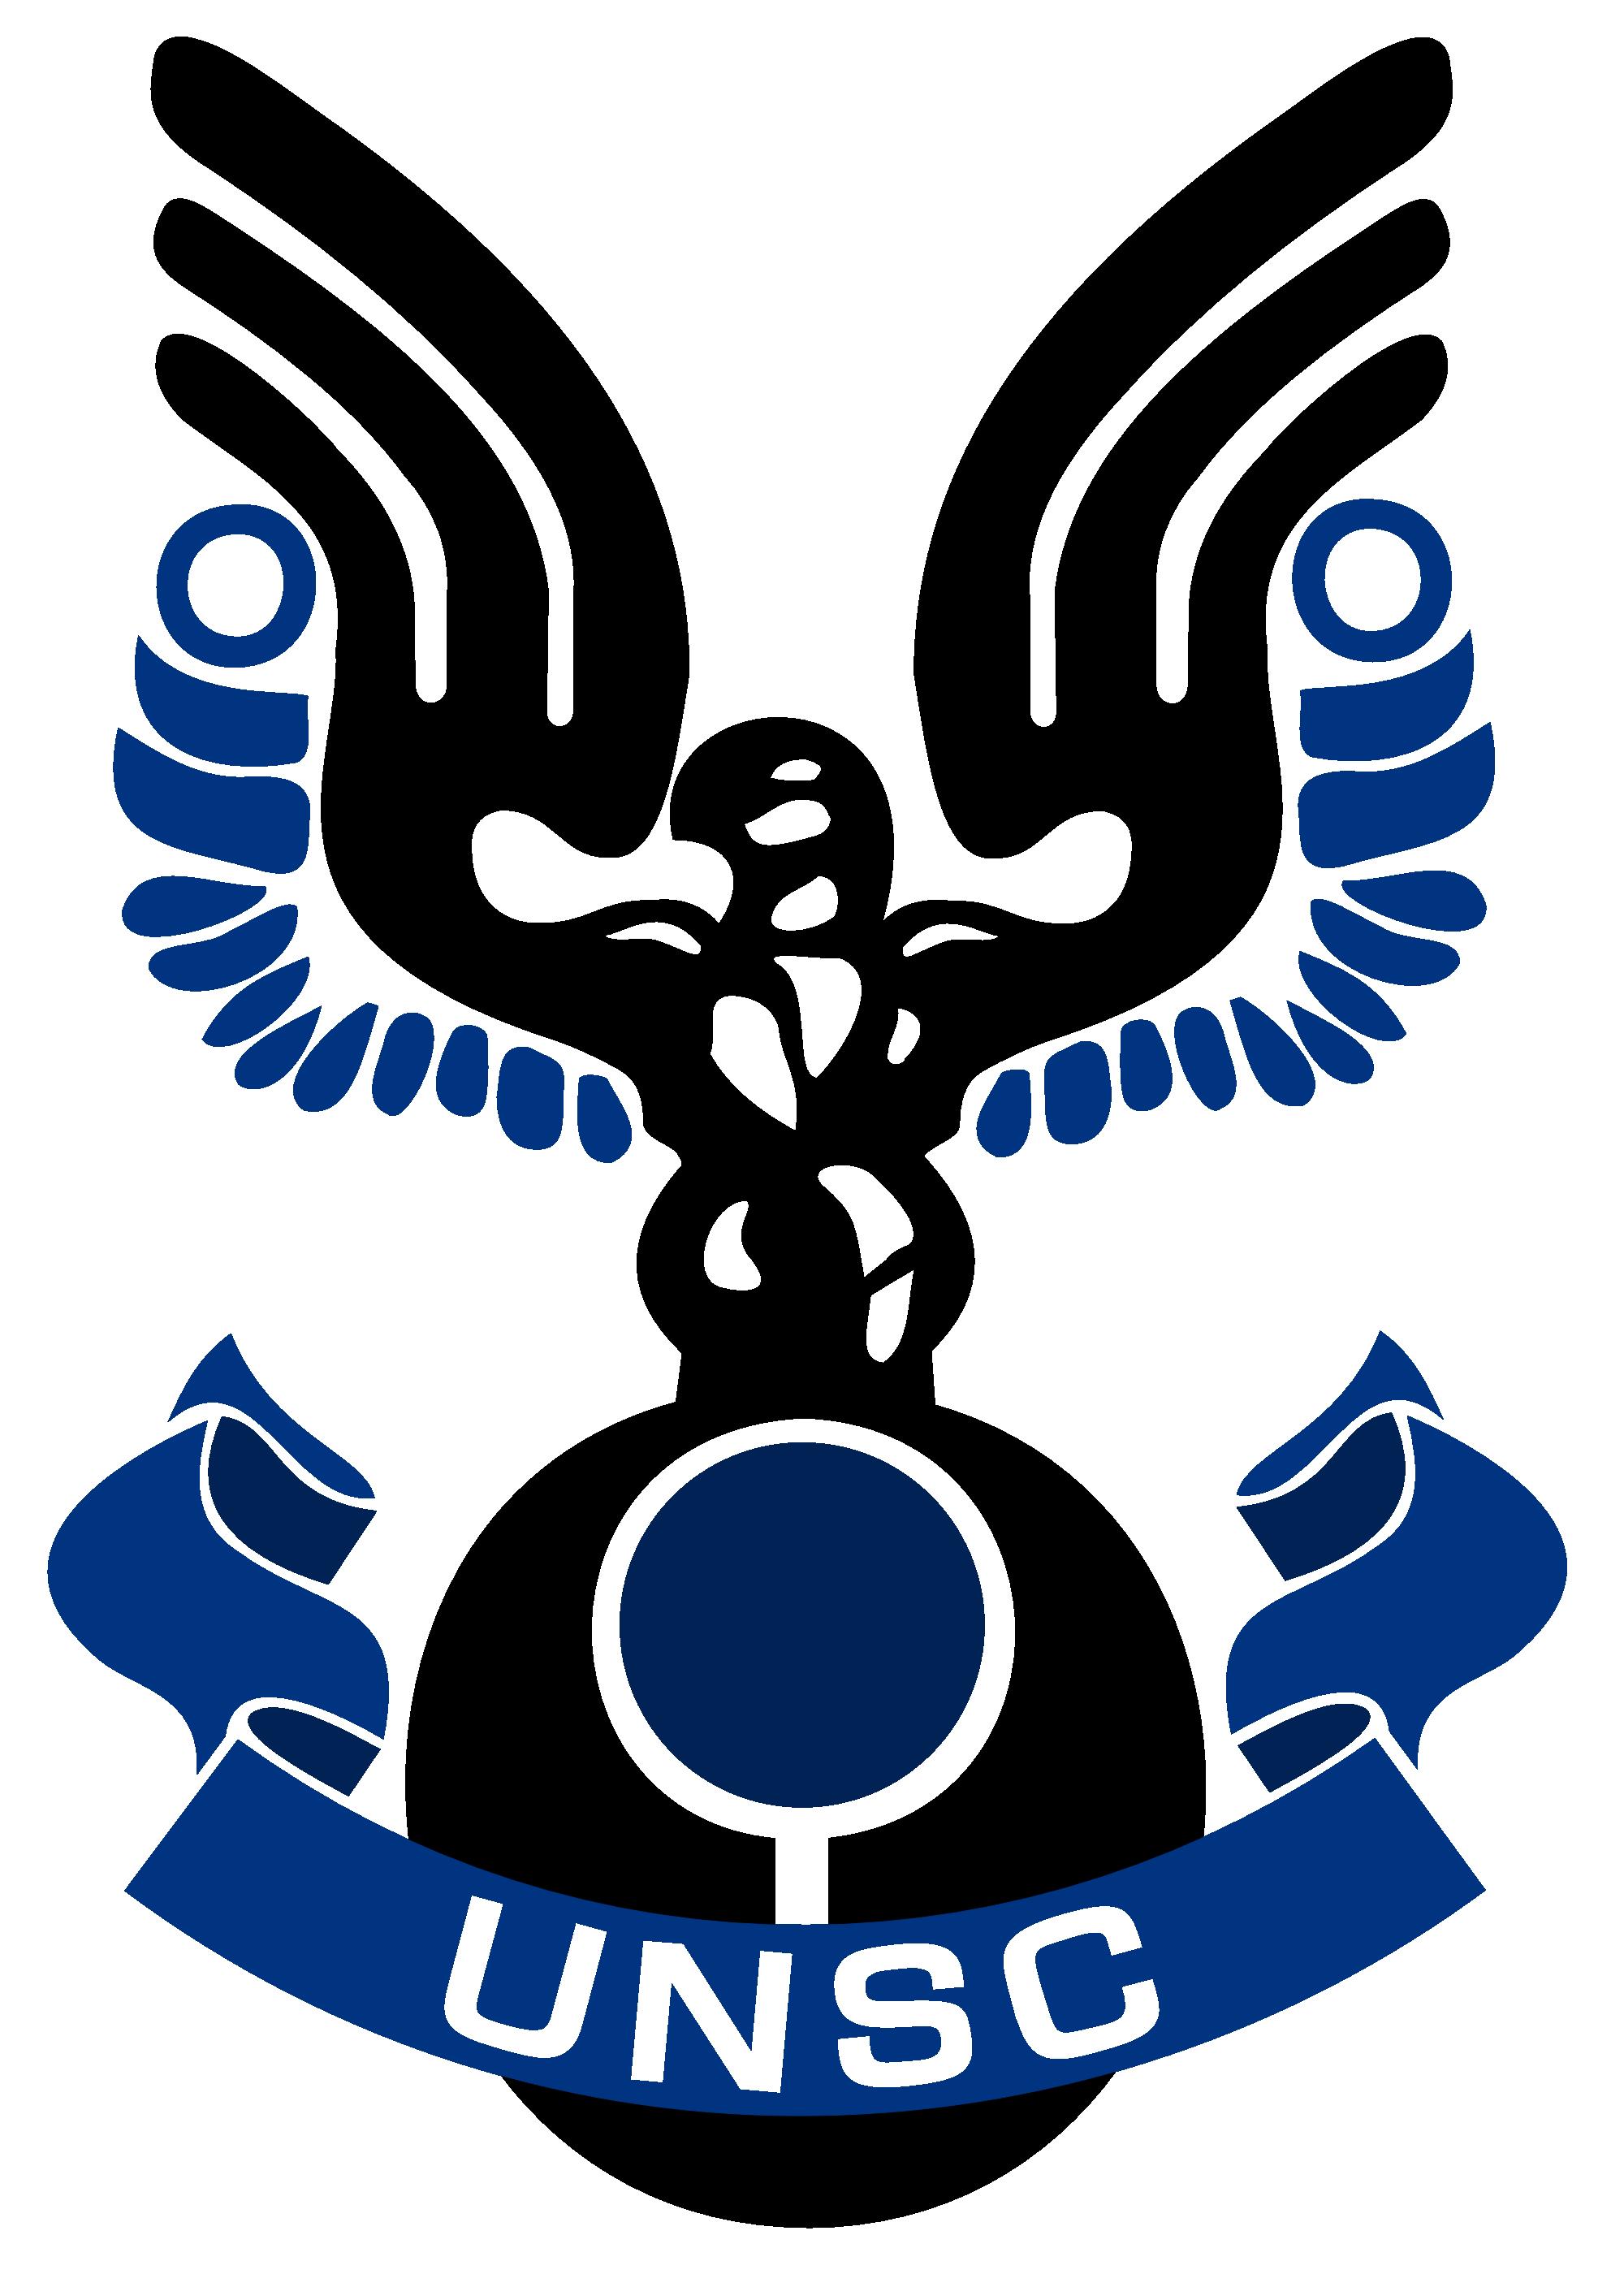 odst emblem wallpaper